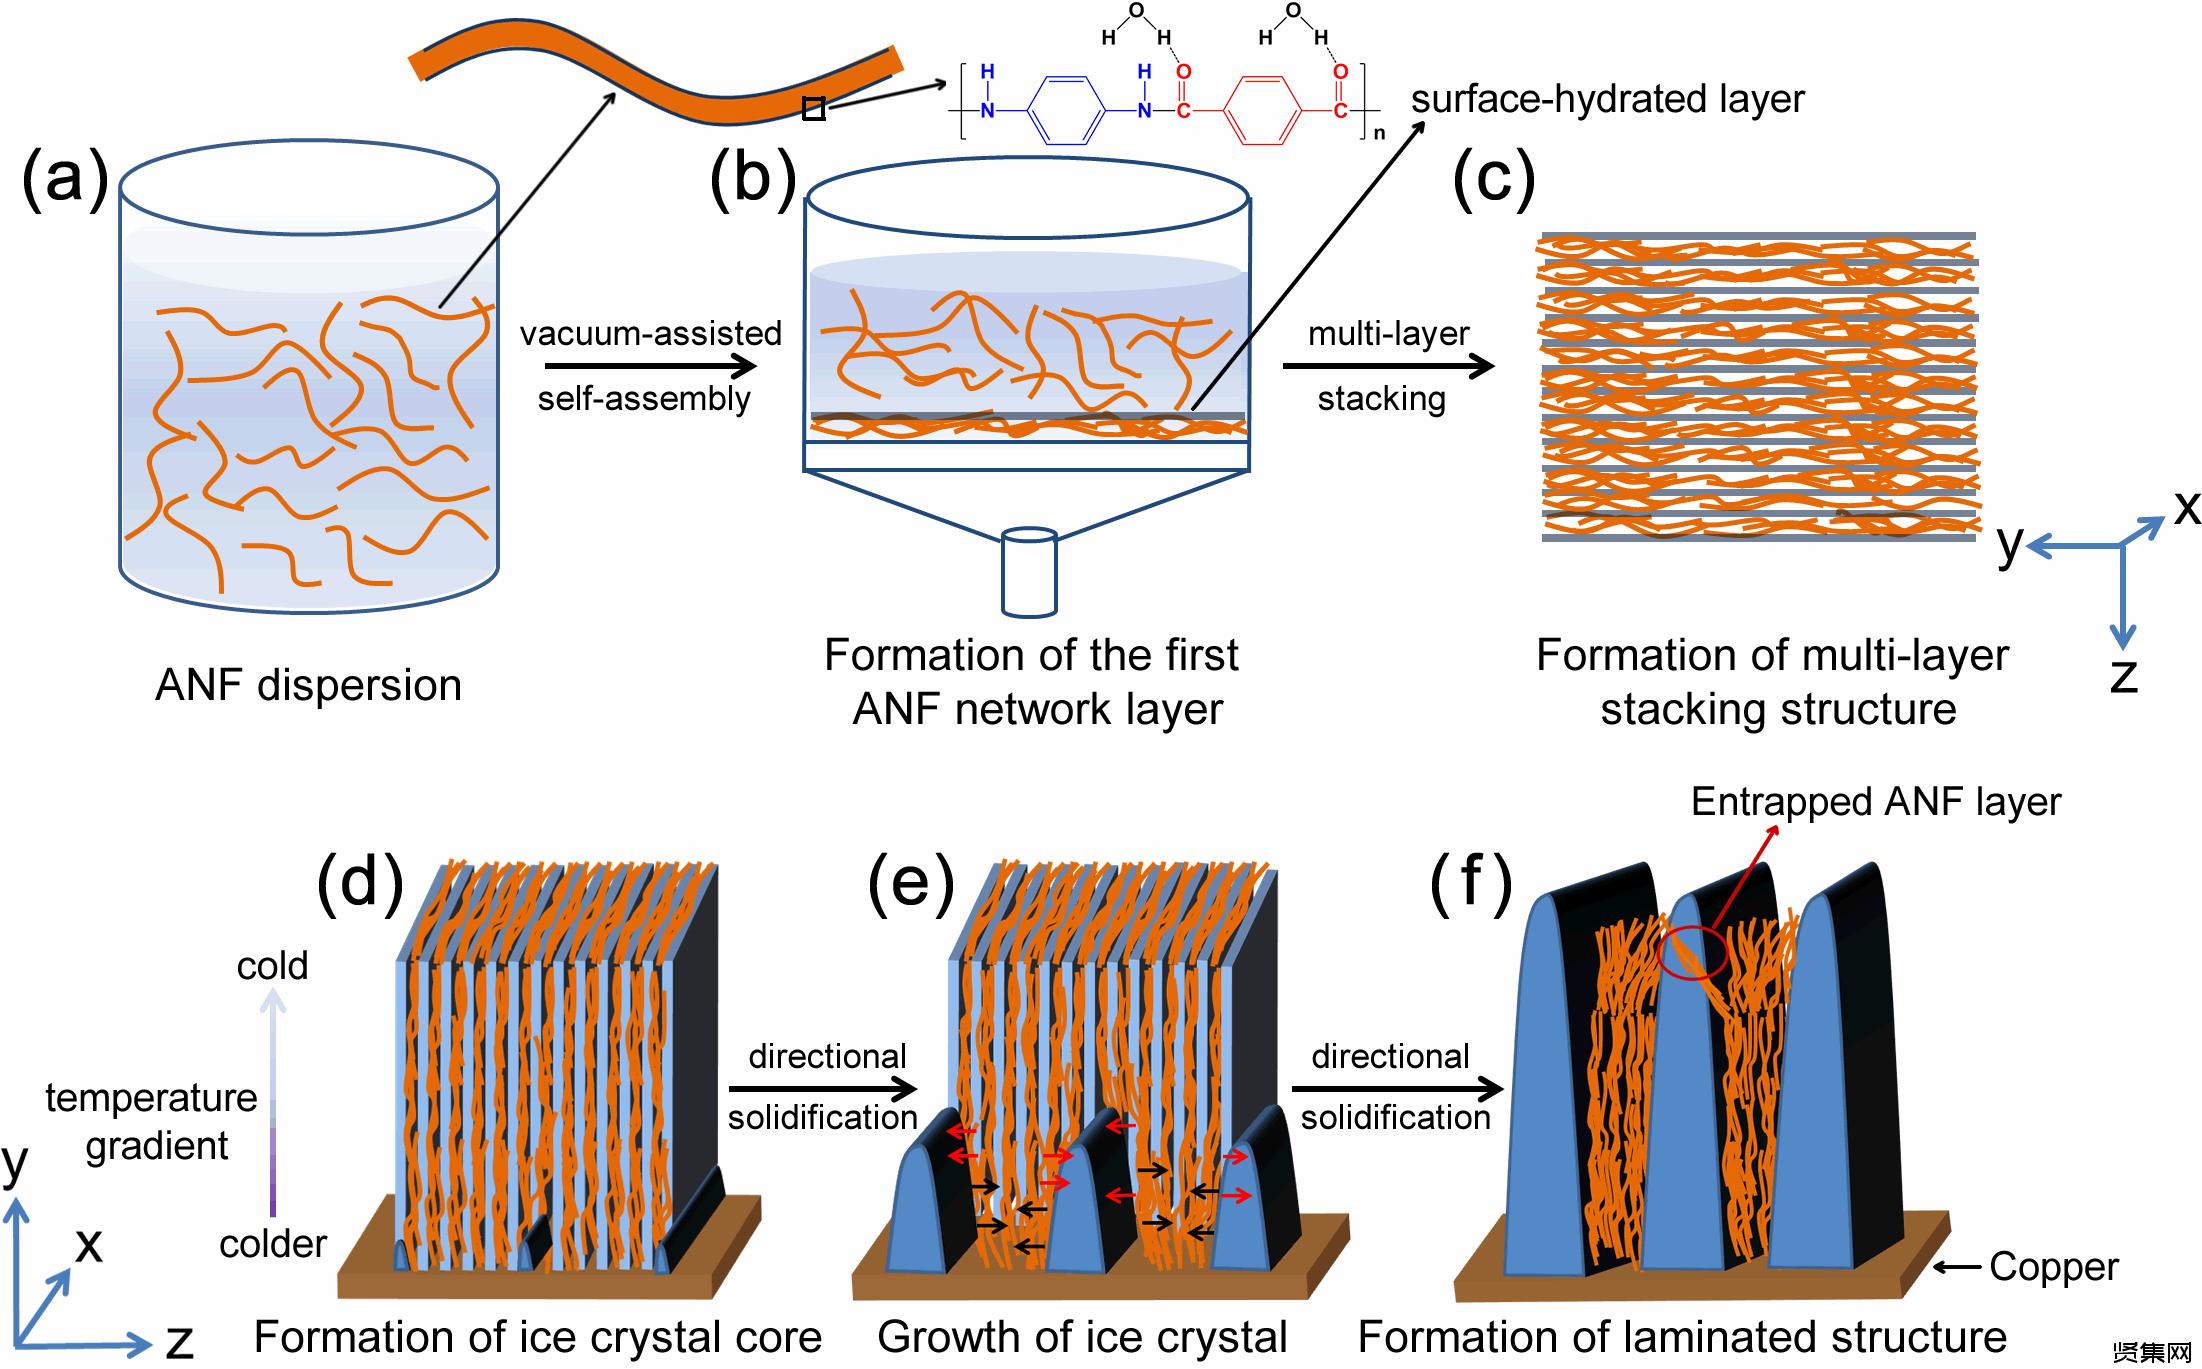 清華大學庹新林課題組將對位芳綸纖維制備成氣凝膠材料